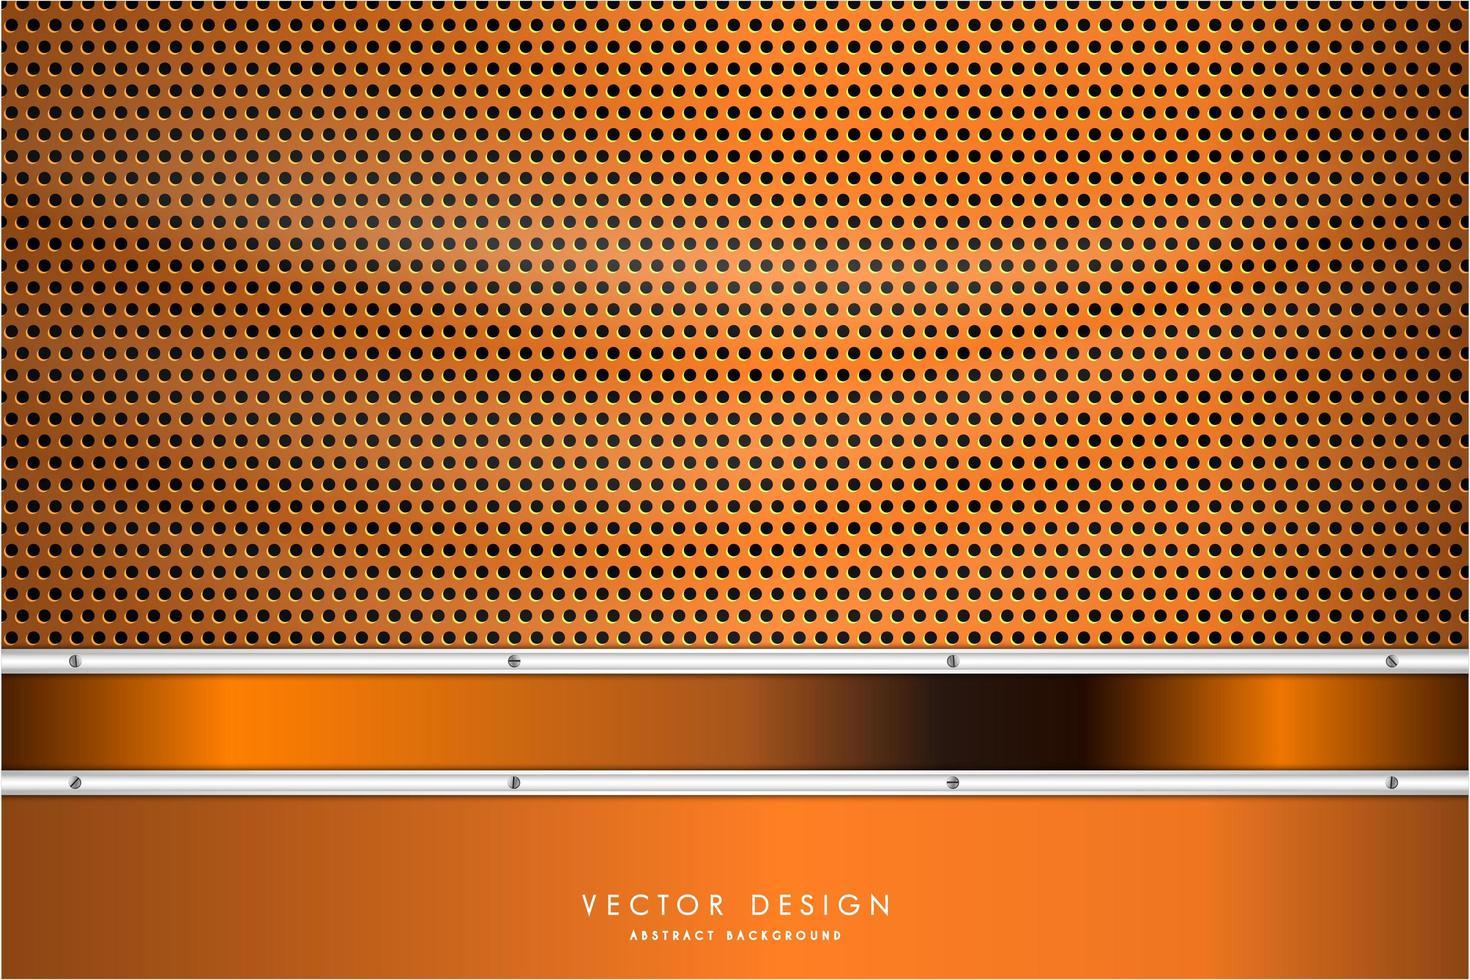 orange und silberner Rand mit Kohlefasertextur vektor